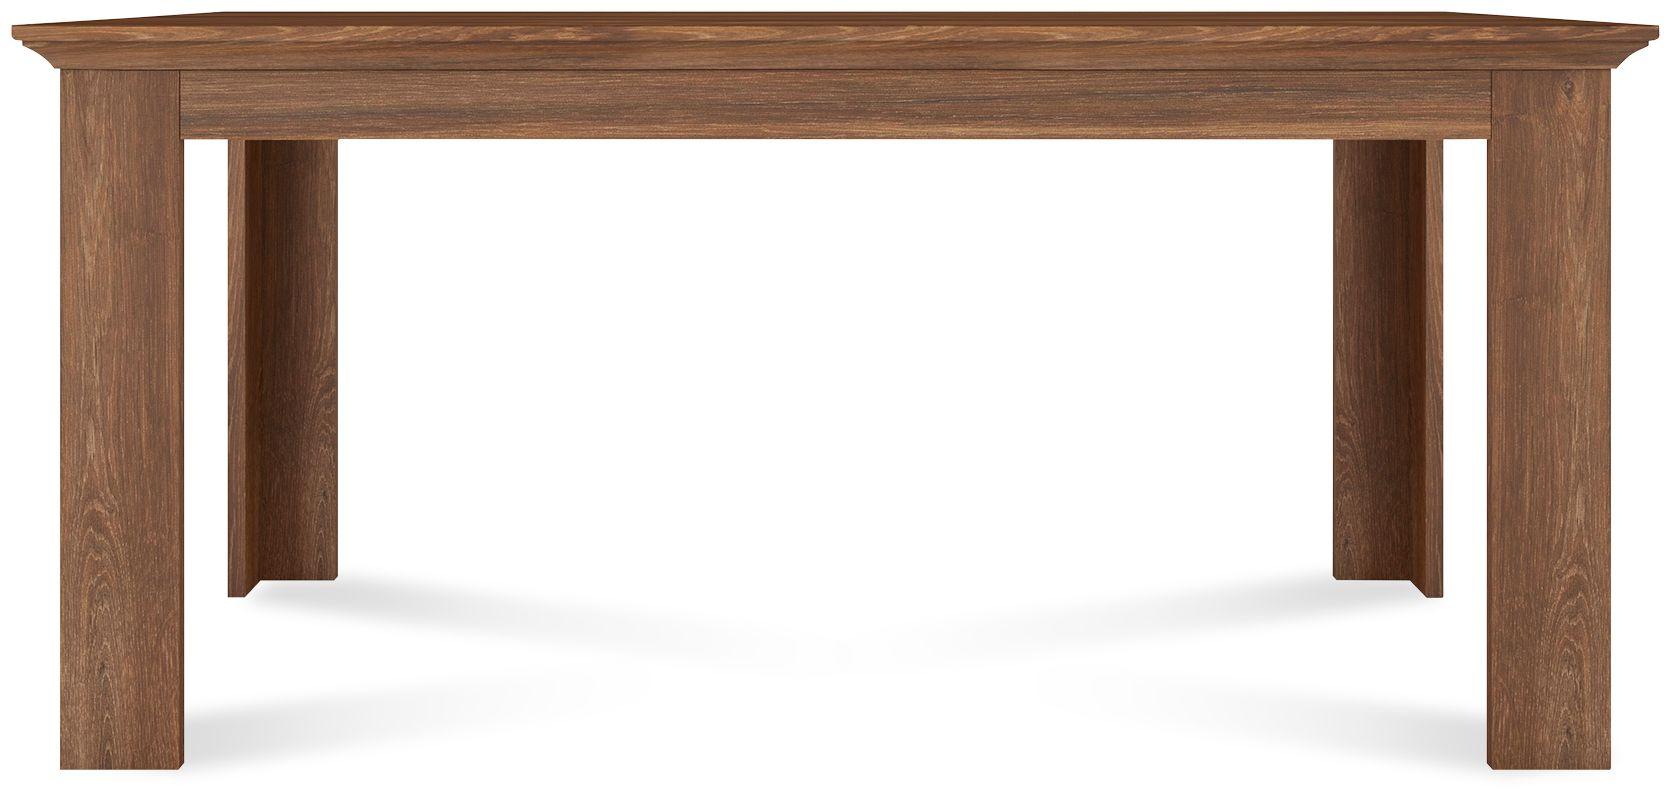 Stół rozkładany Arsal